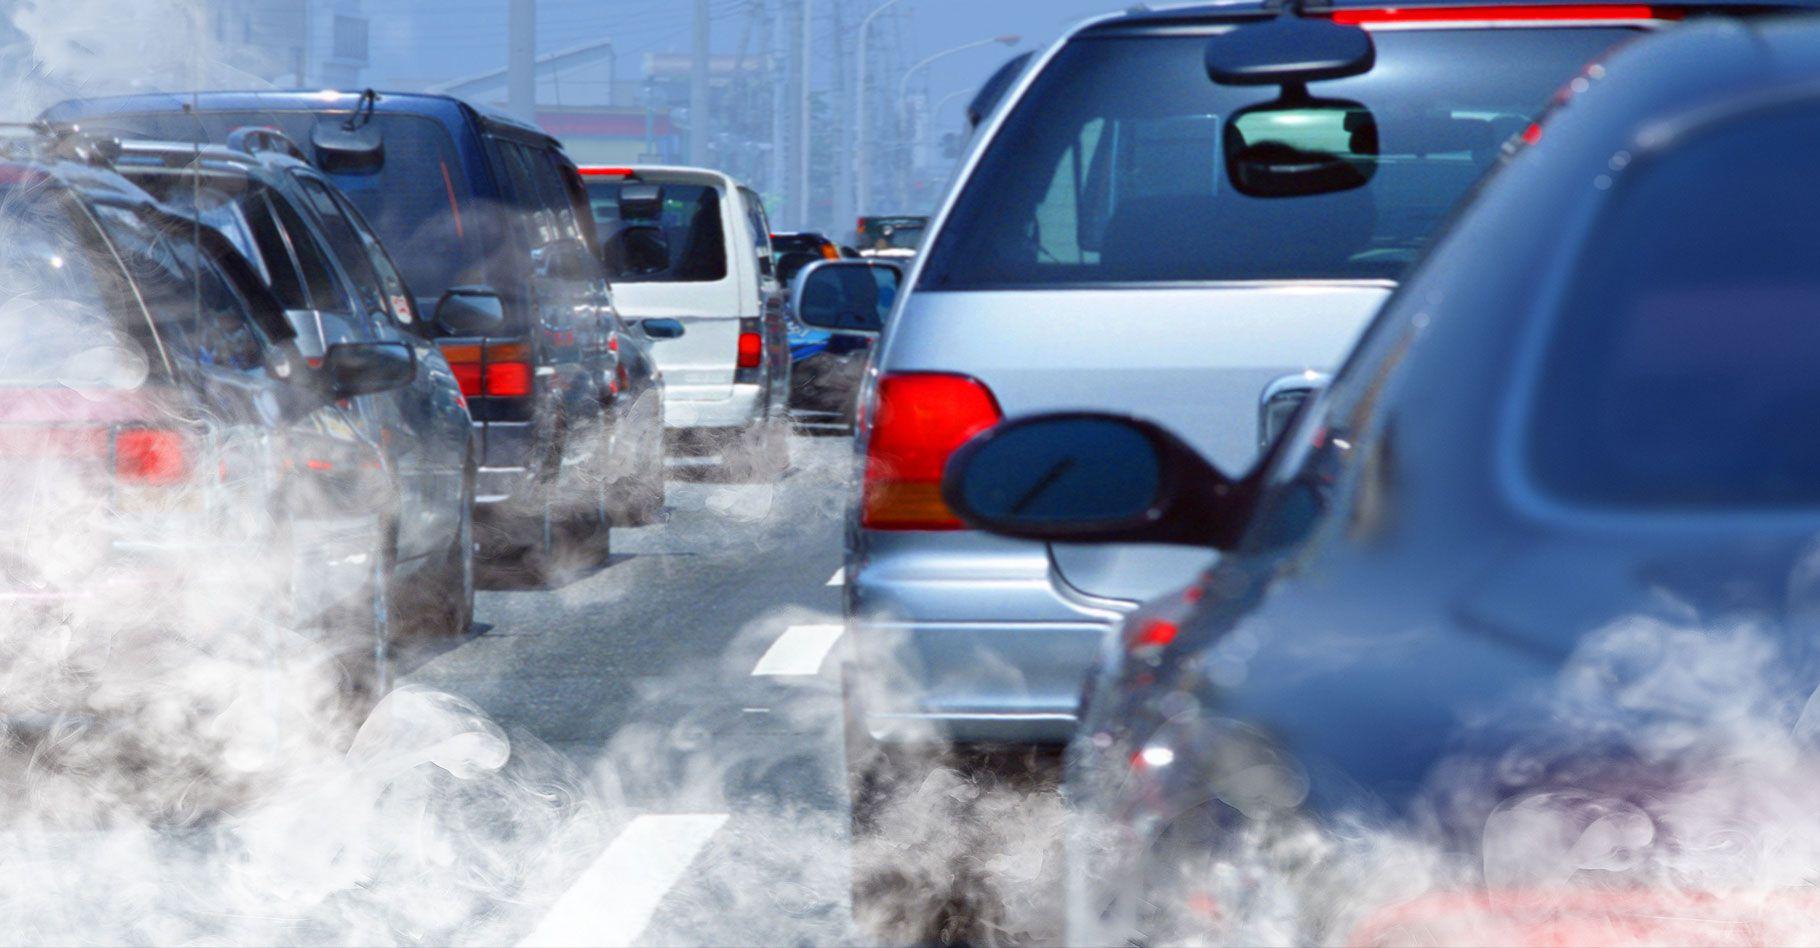 Ministerul Mediului amana pe termen nelimitat introducerea unei noi taxe auto